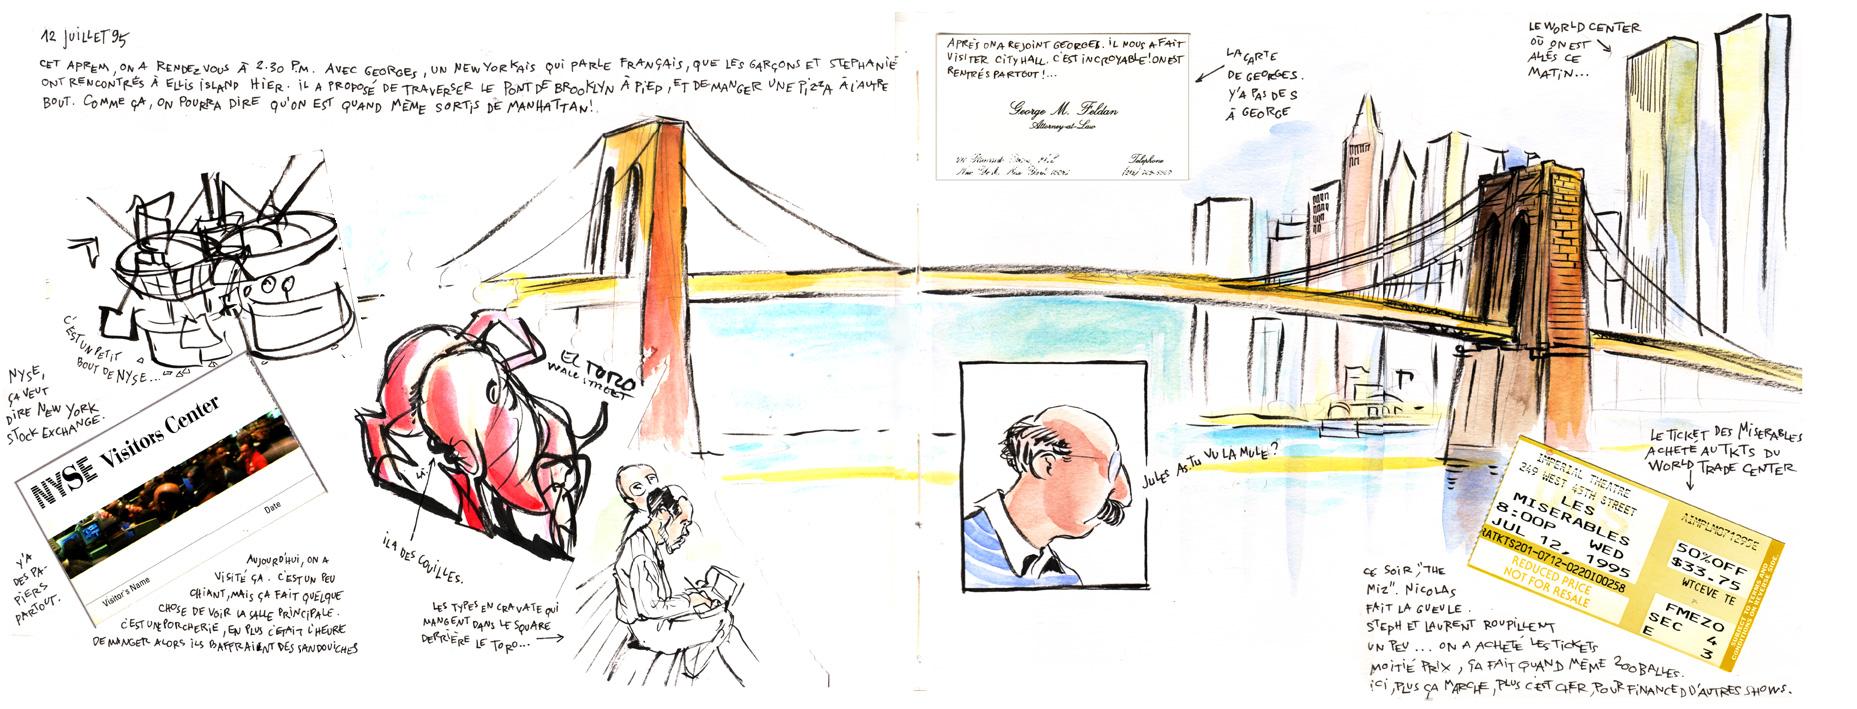 New York Stock Exchange, Brooklyn bridge, le WTC...